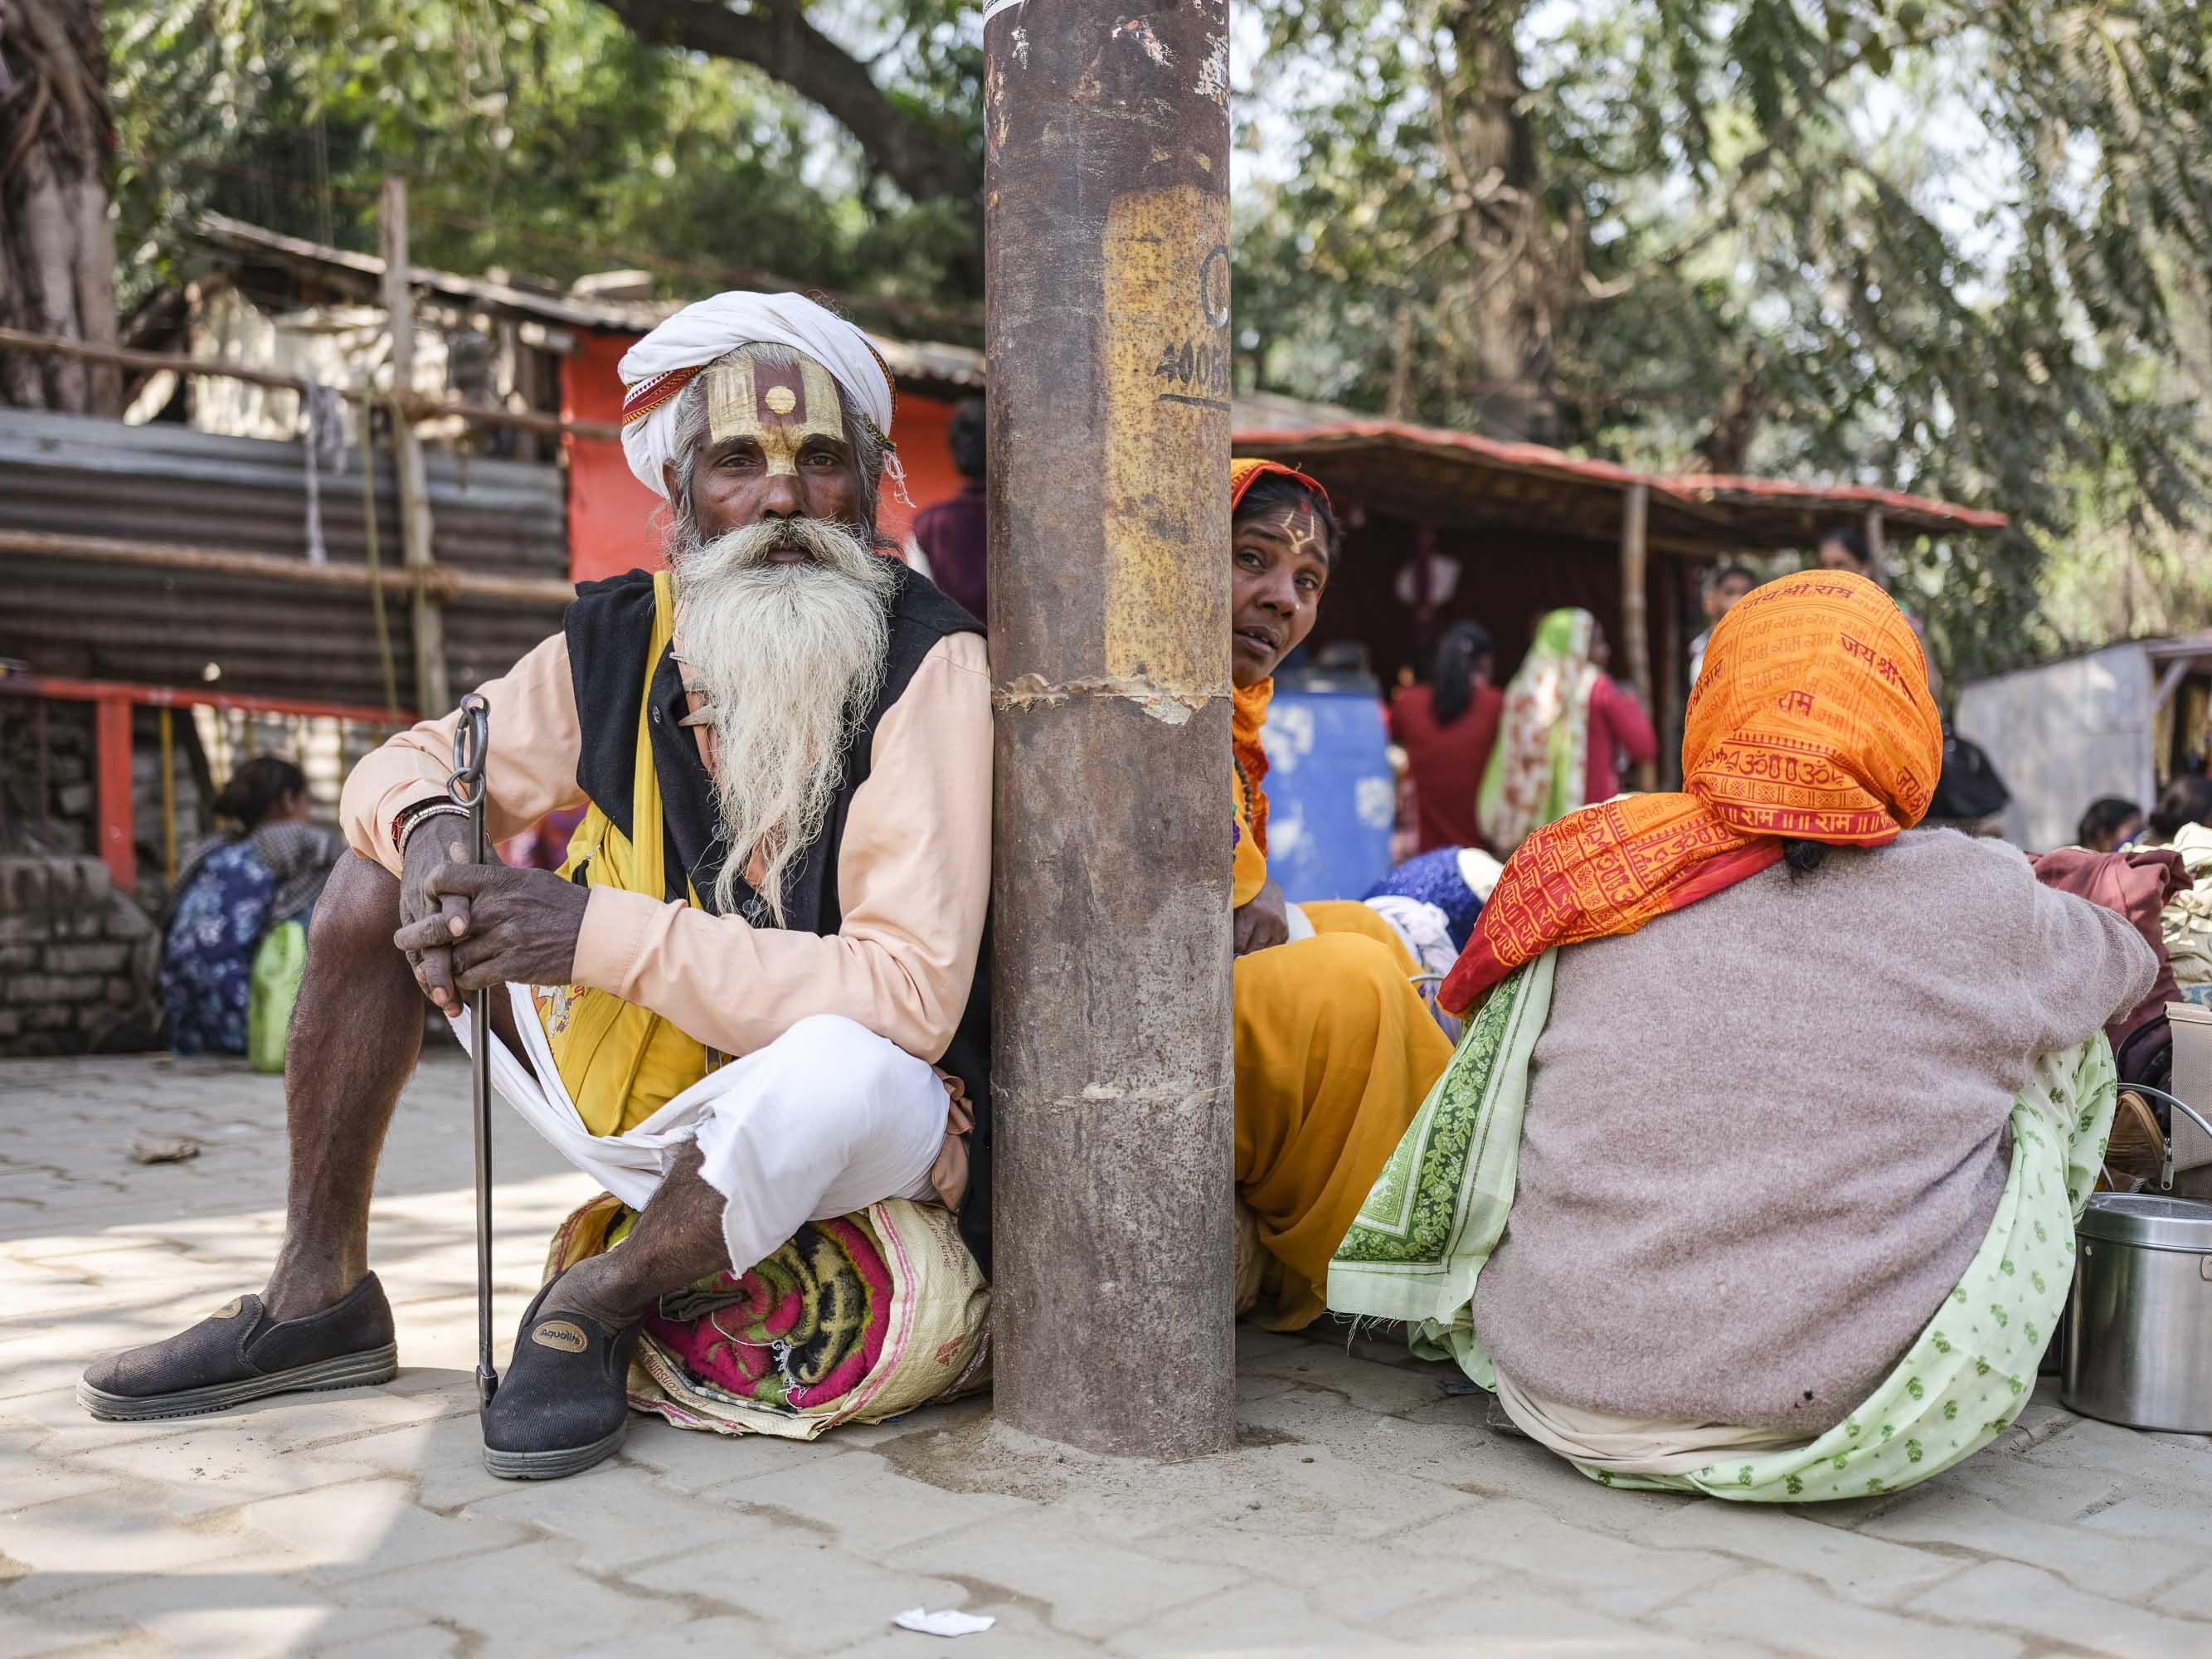 family waiting tug tuk pilgrims Kumbh mela 2019 India Allahabad Prayagraj Ardh hindu religious Festival event rivers photographer jose jeuland photography